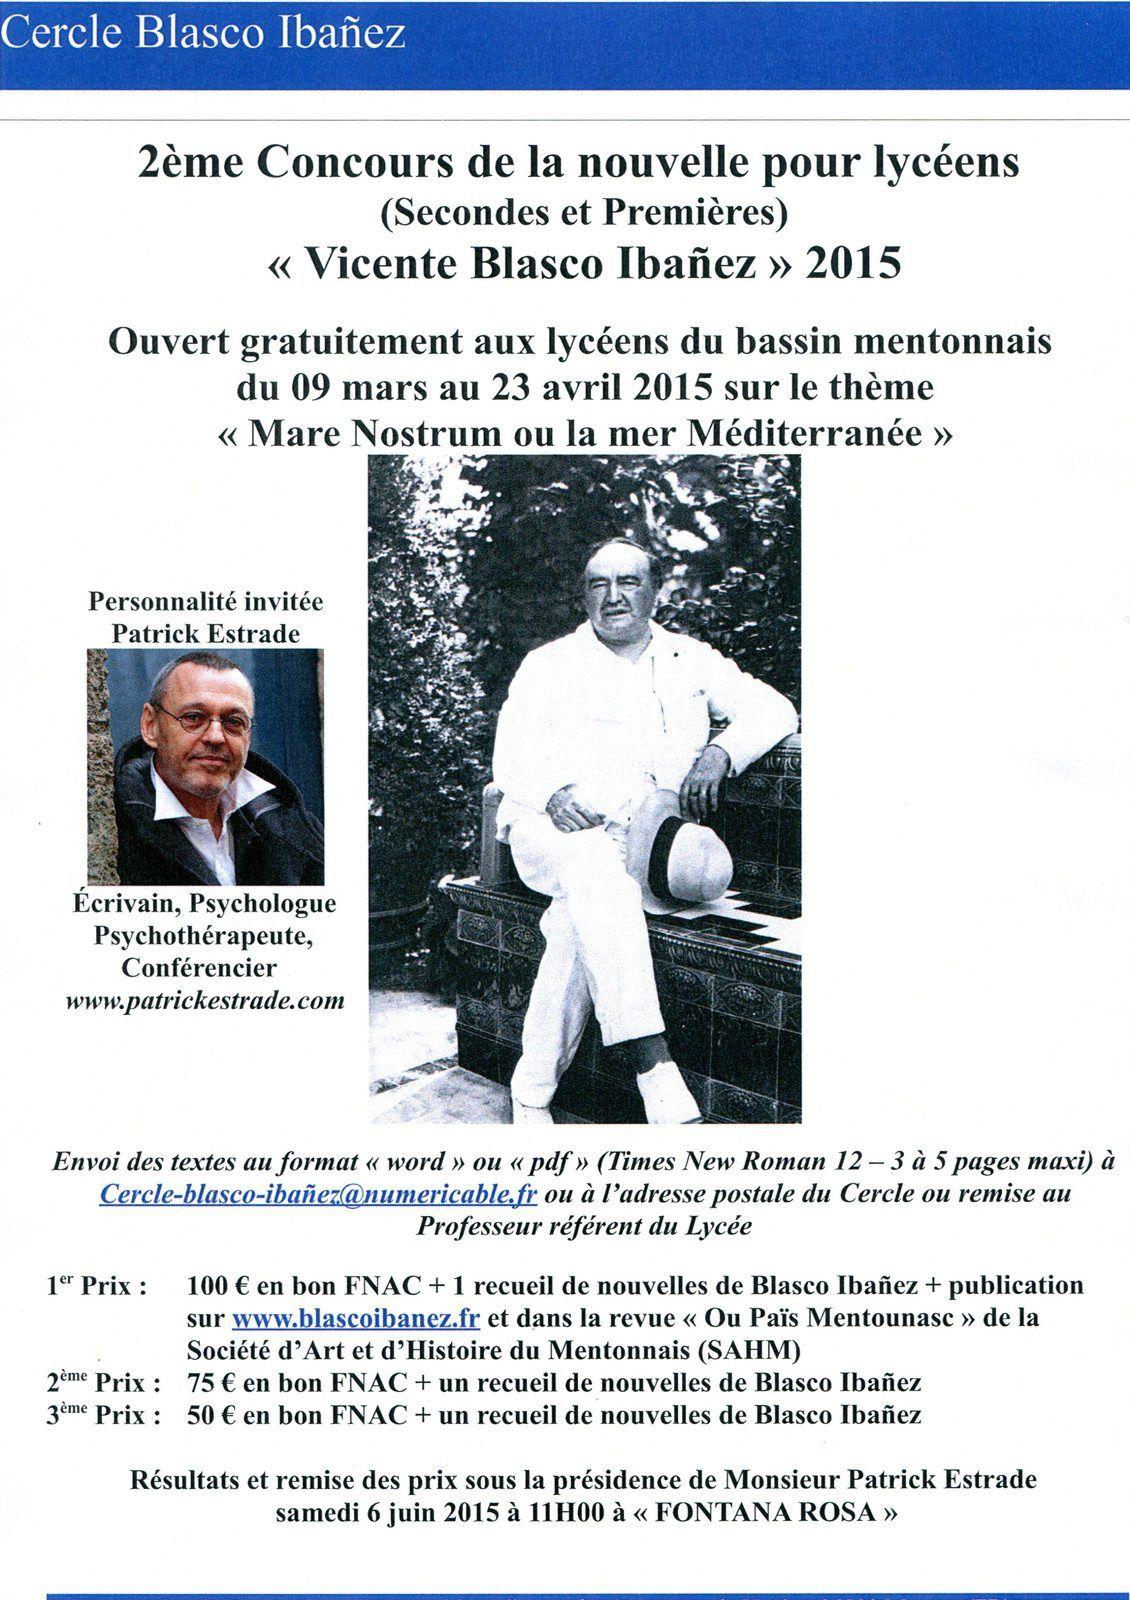 """Affiche du concours de la nouvelle pour lycéens 2015 """"Vicente Blasco Ibañez"""""""